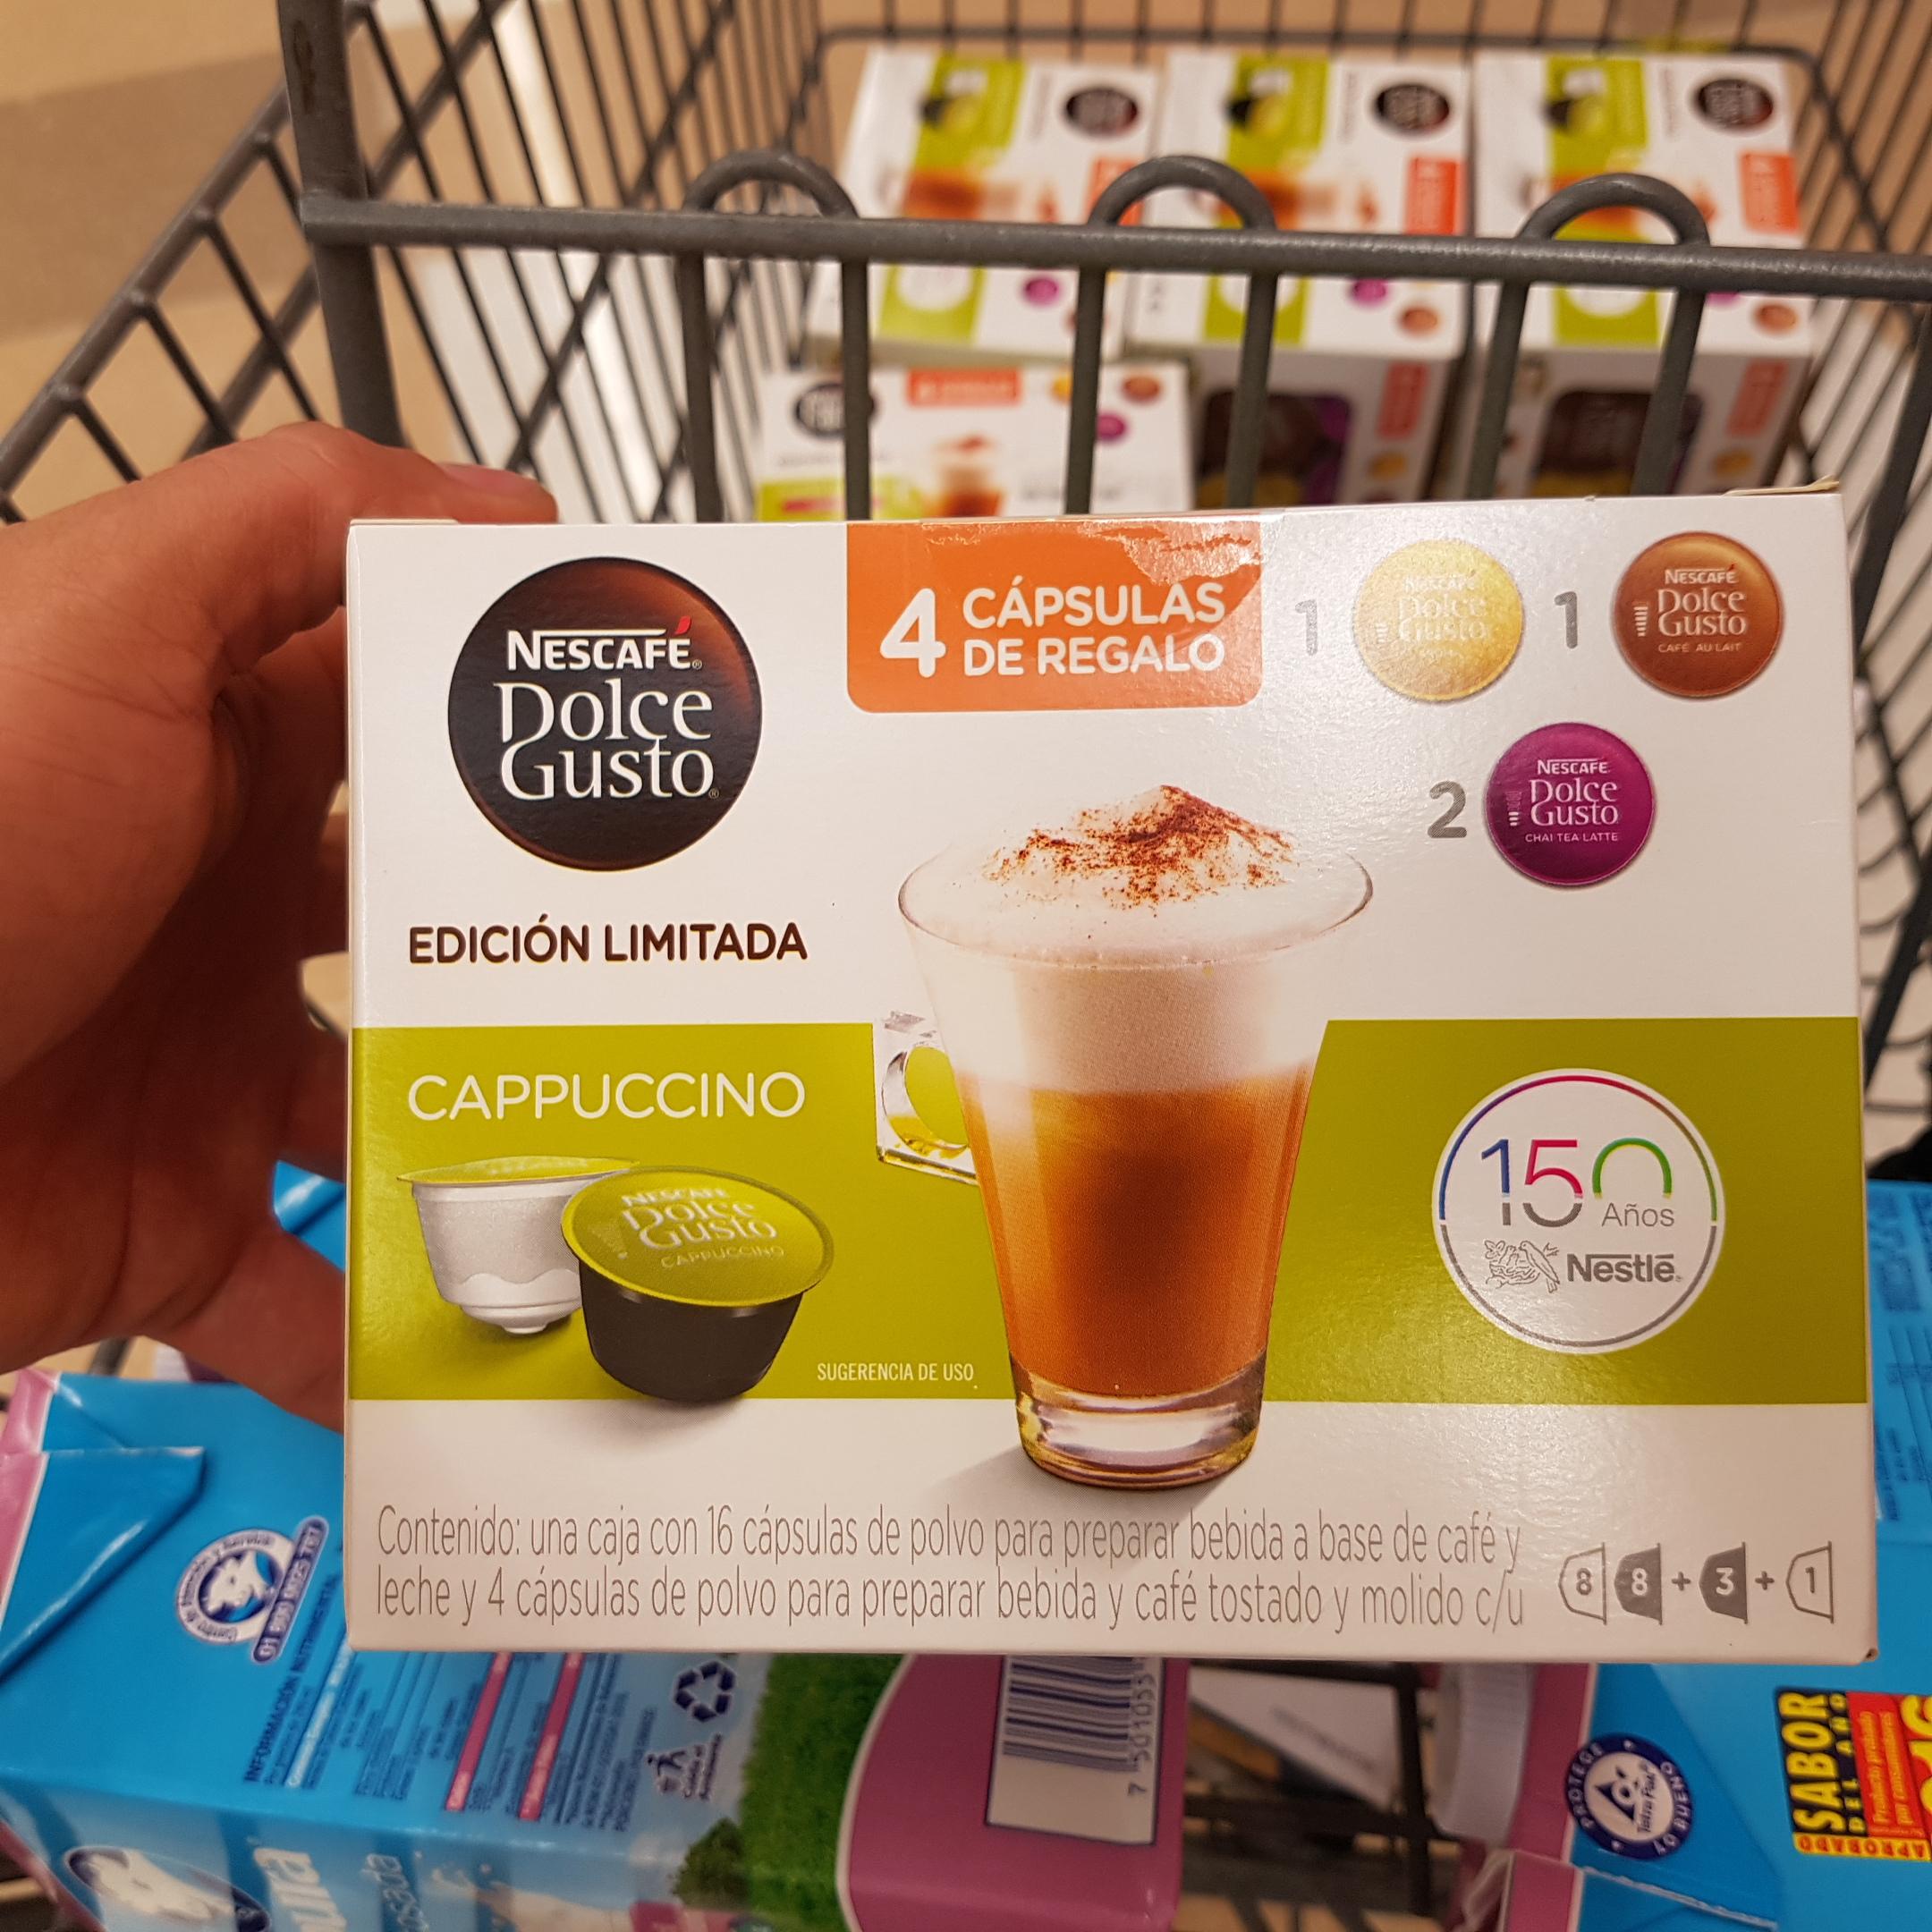 Superama: Cápsulas para dolce gusto en $10 pesitos